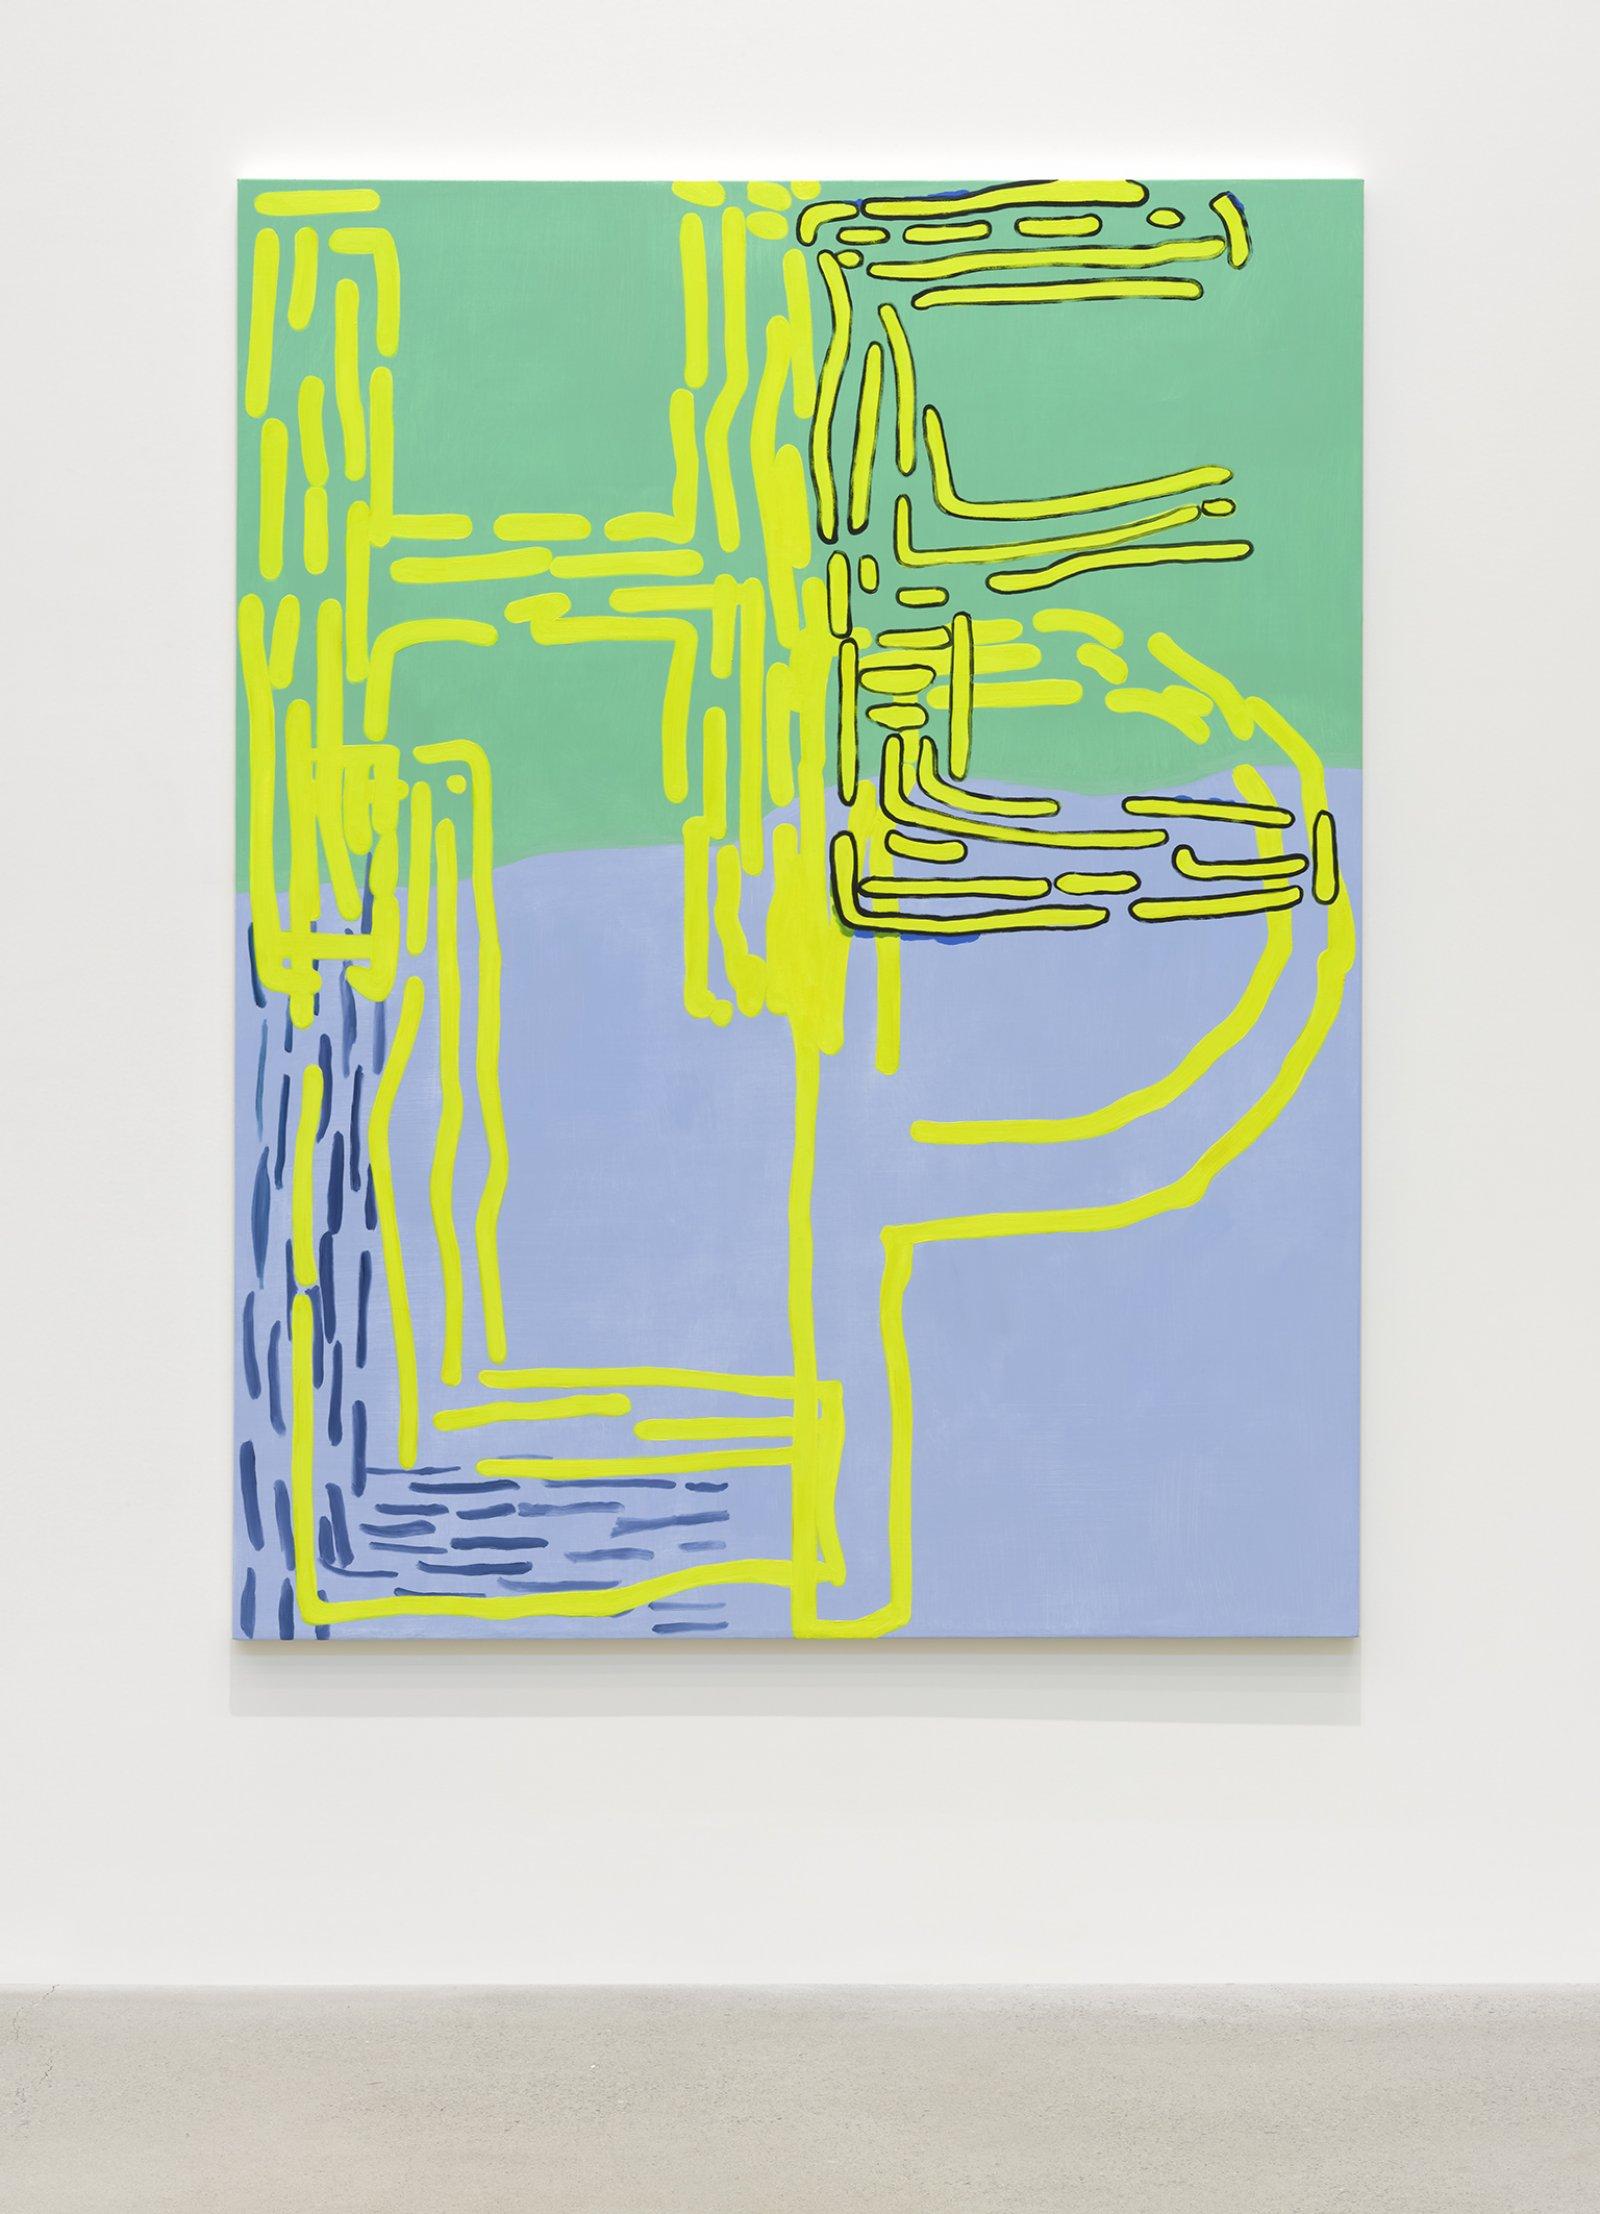 Elizabeth McIntosh, Help, 2020, oil on canvas, 66 x 57 in. (168 x 145 cm) by Elizabeth McIntosh